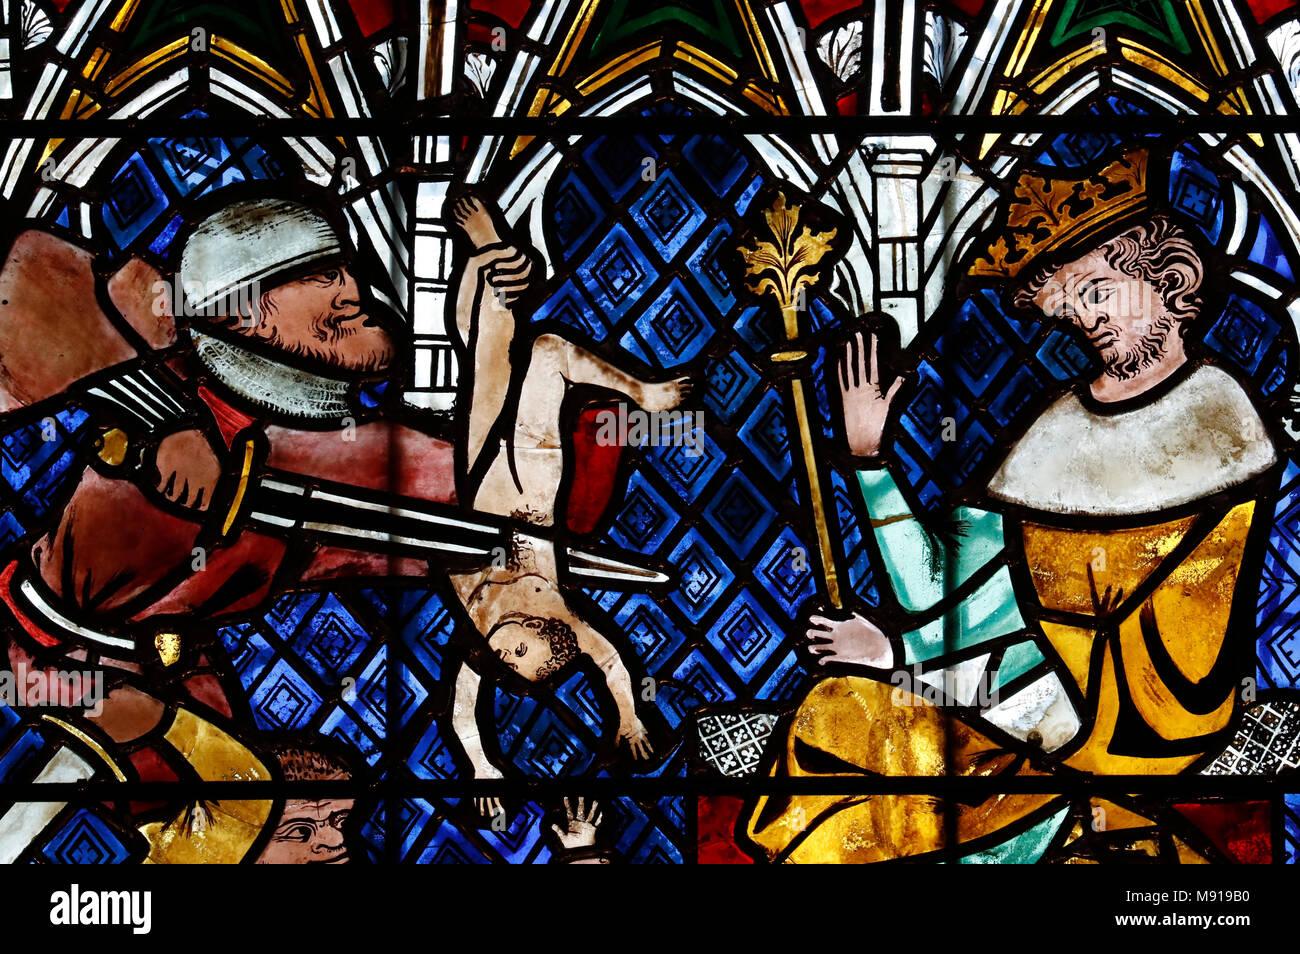 Nuestra Señora de la catedral de Estrasburgo. Ventana de vidrios de colores. La matanza de los inocentes. En el siglo 14. Estrasburgo. Francia. Foto de stock